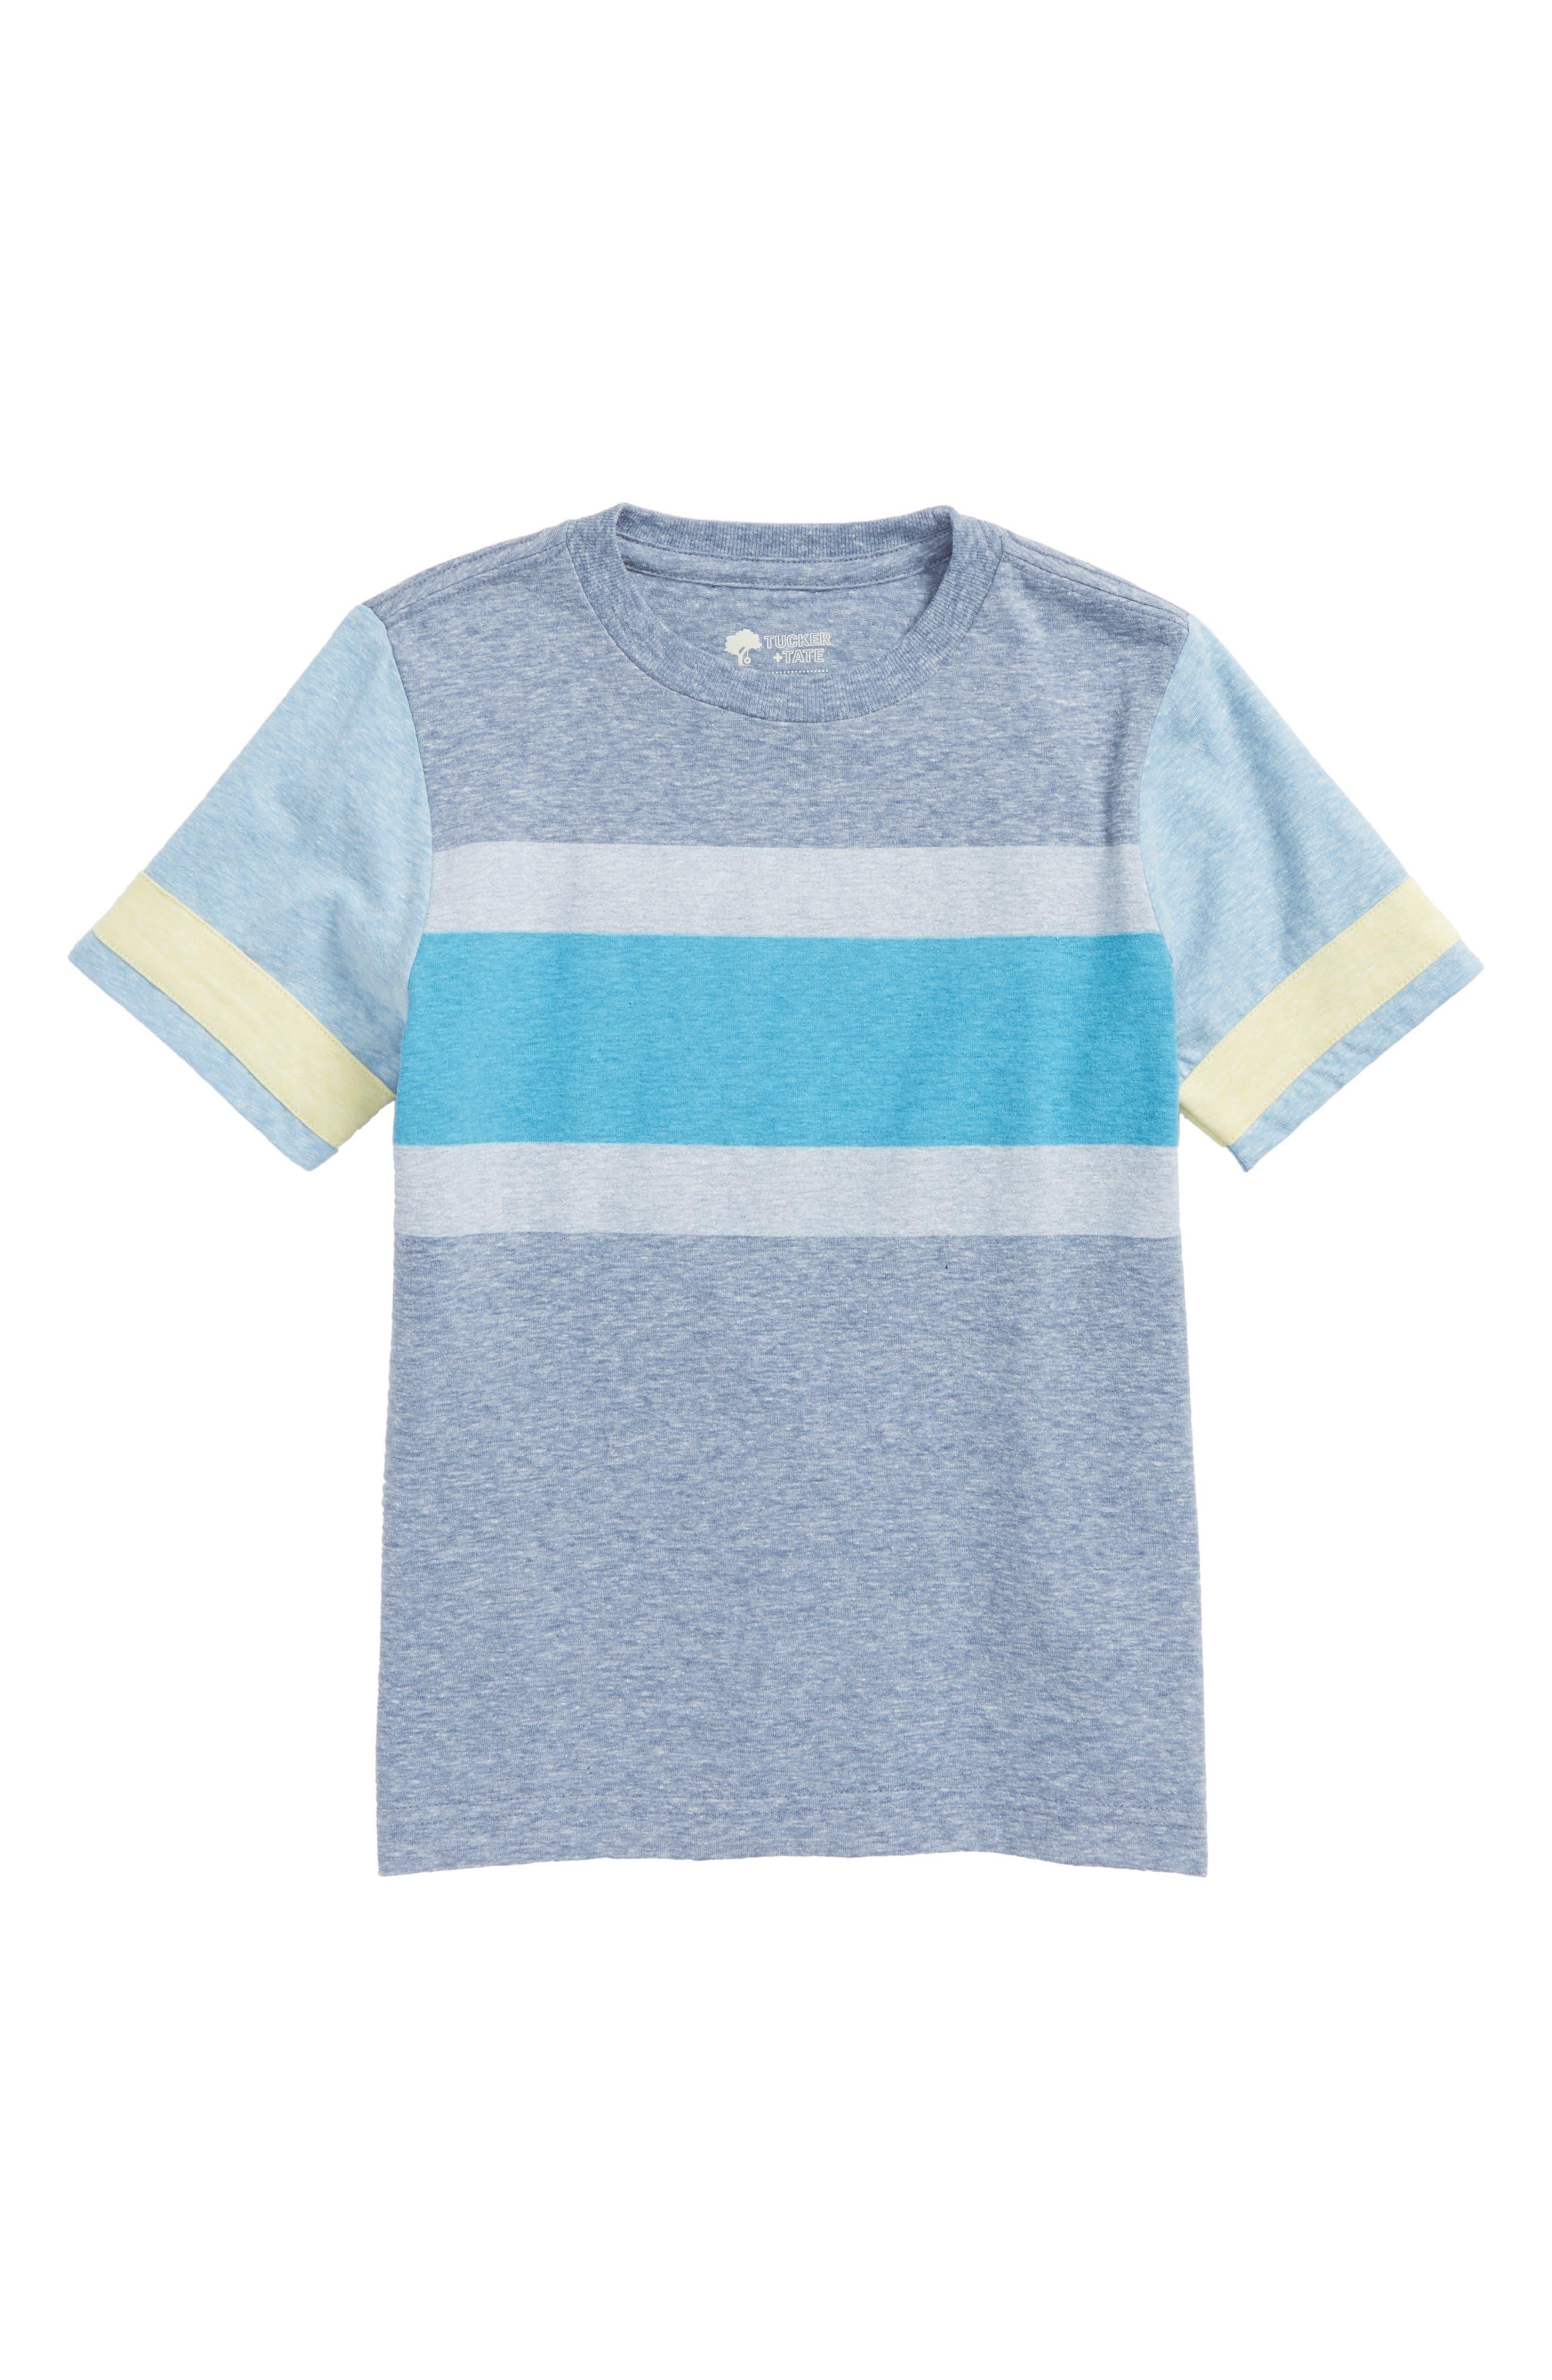 Tucker + Tate Stripe T-Shirt (Toddler Boys & Little Boys)